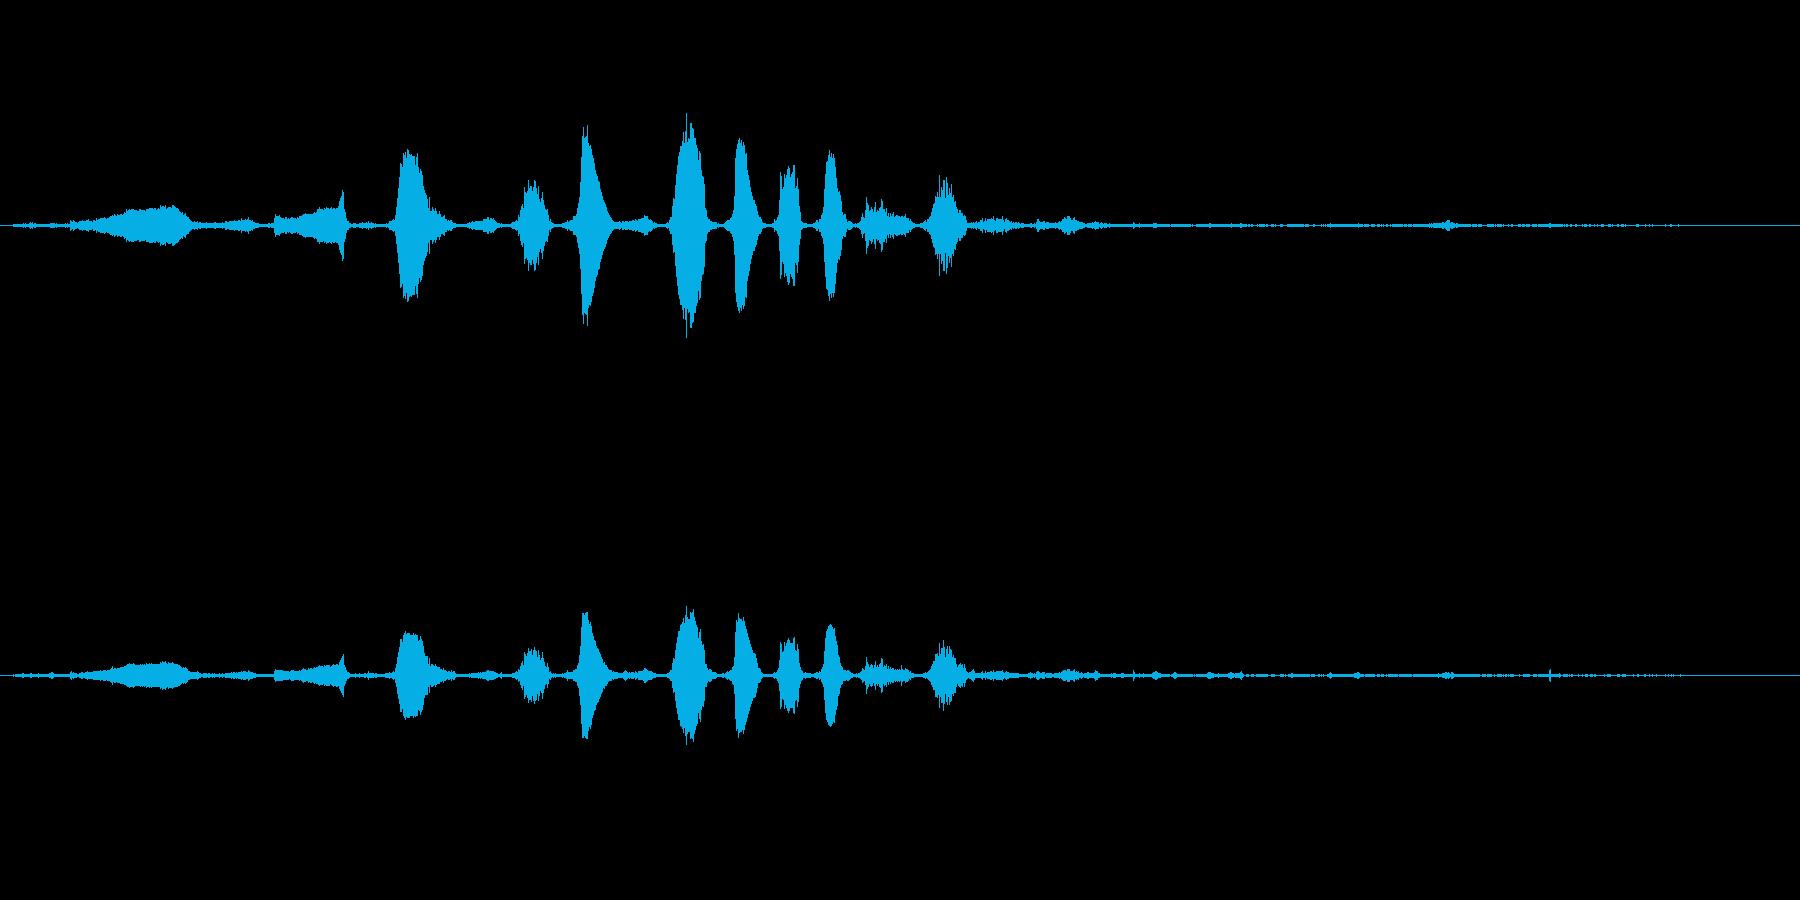 ロバ ブレイレゾナント04の再生済みの波形